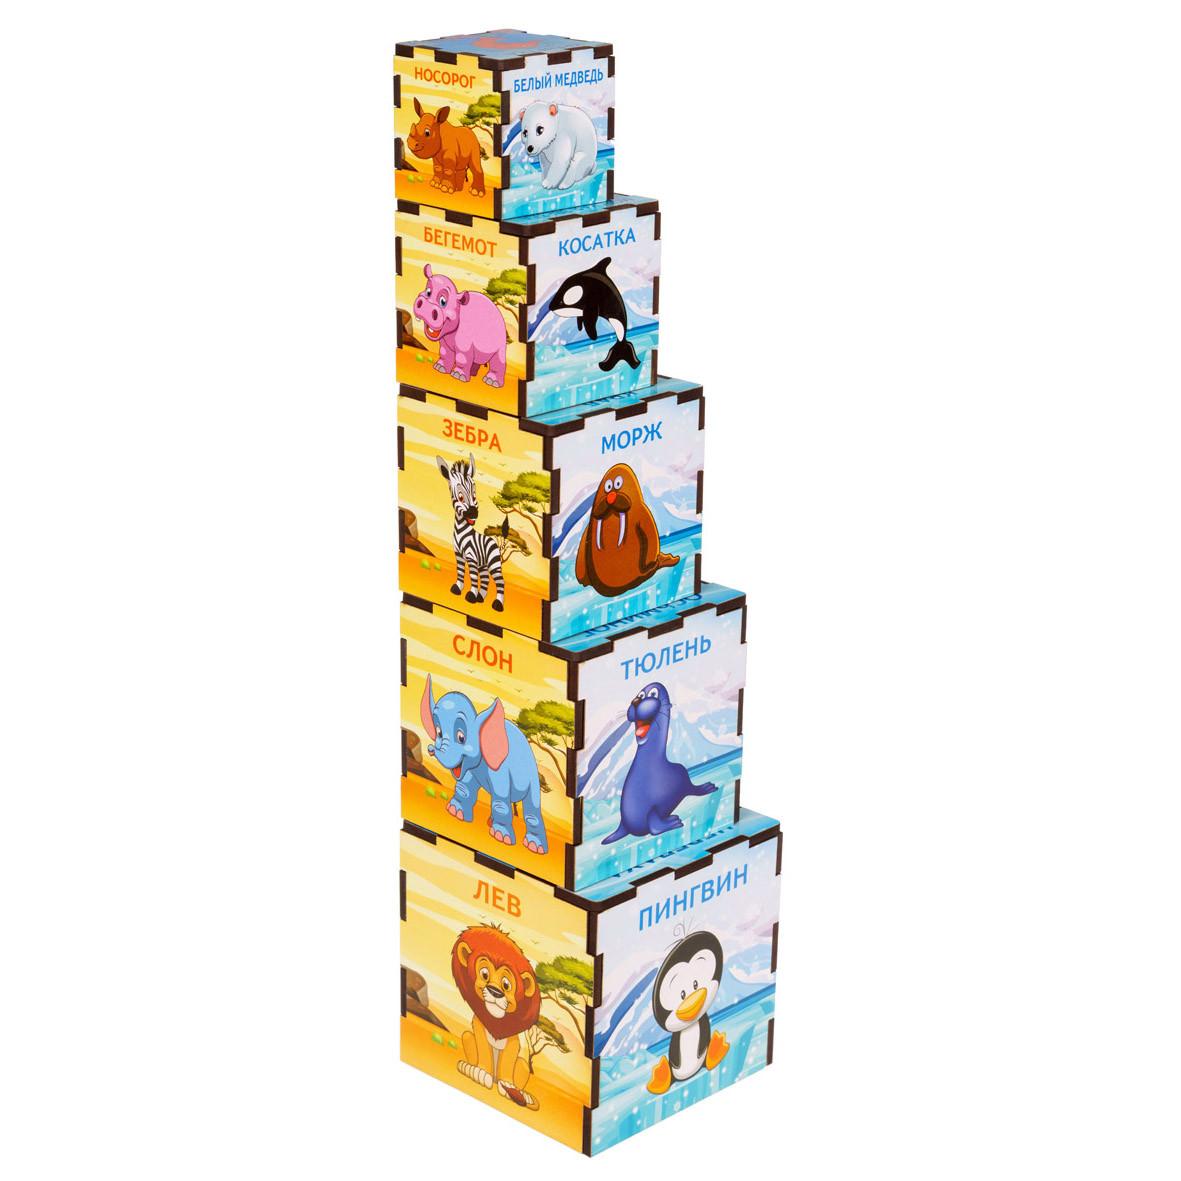 Кубики - матрёшки: Животные - среда обитания